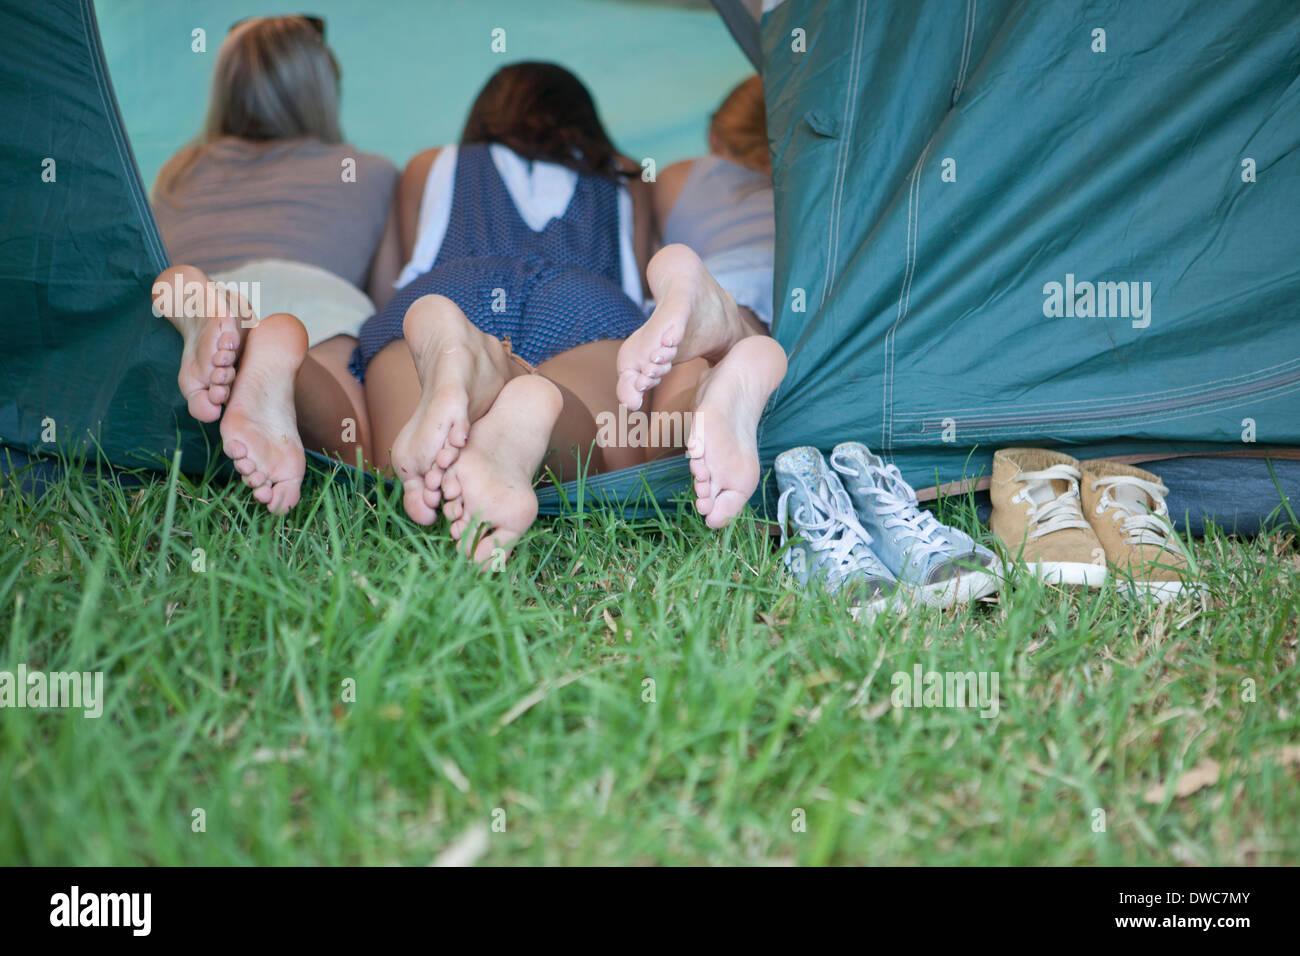 Tres hembras jóvenes amigos pies en carpa entrada Imagen De Stock